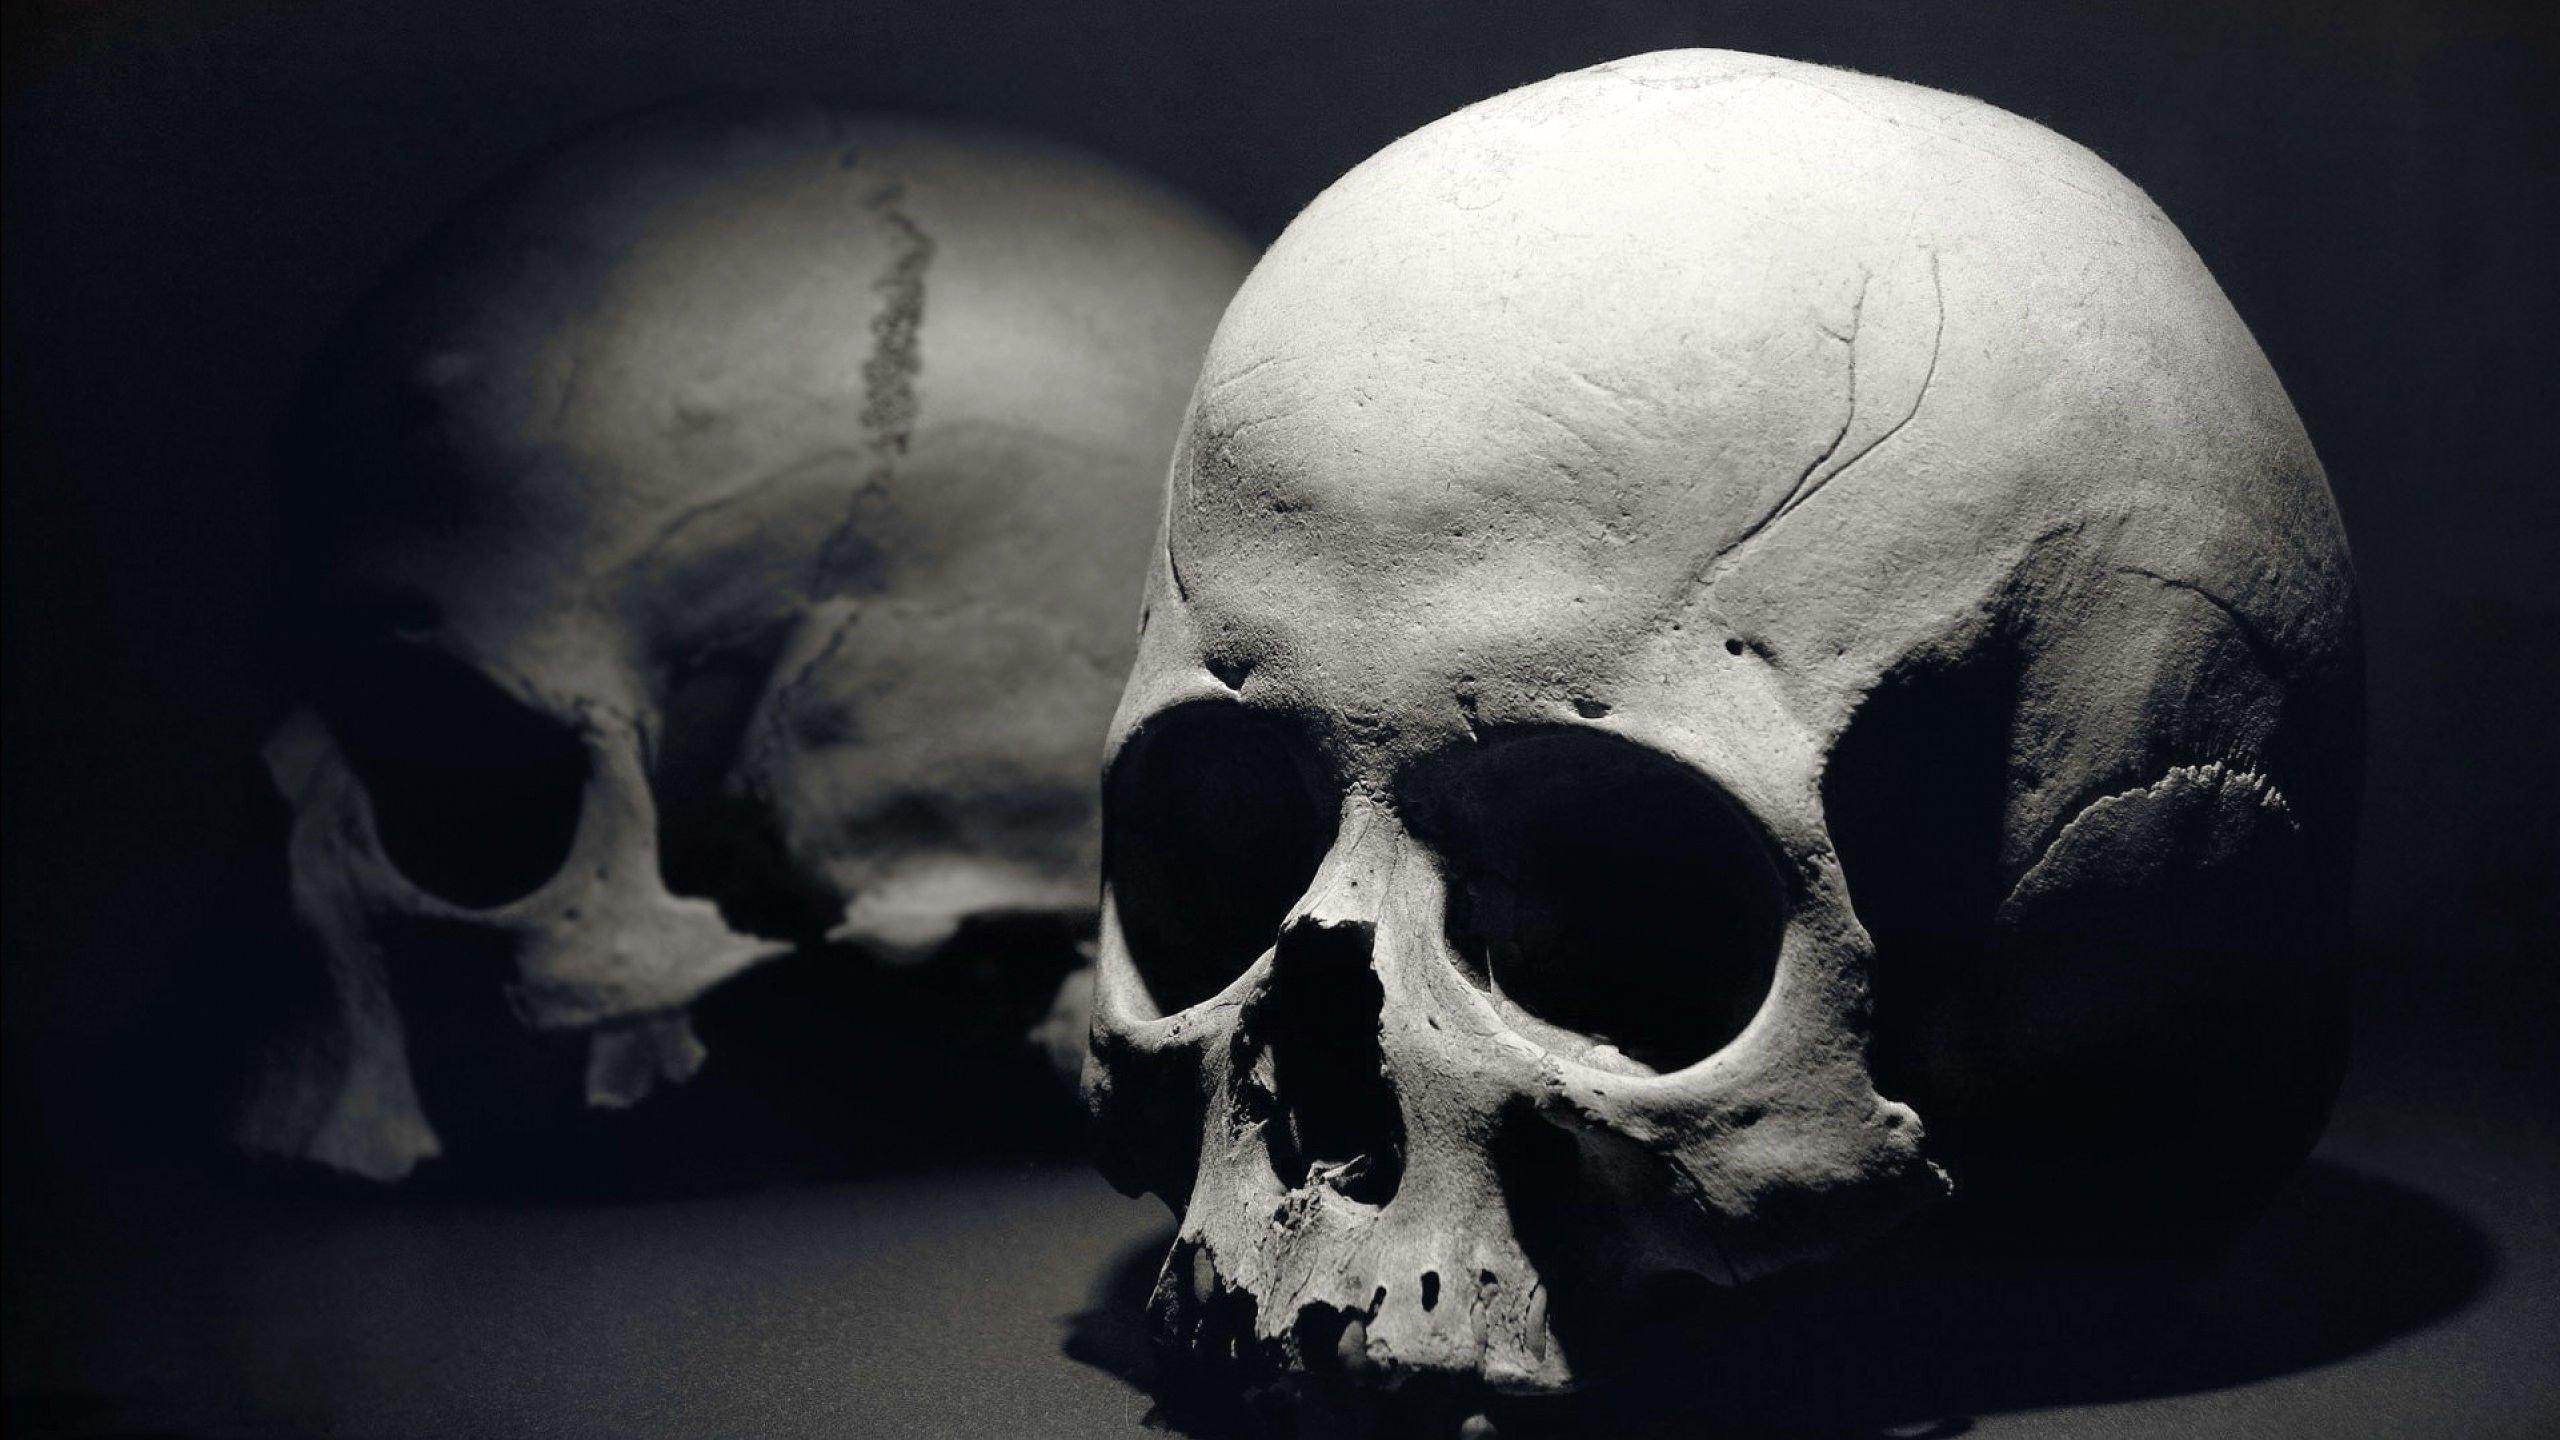 Dark Skull Evil Horror Skulls Art Artwork Skeleton D Wallpaper  2560x1440 694771 WallpaperUP